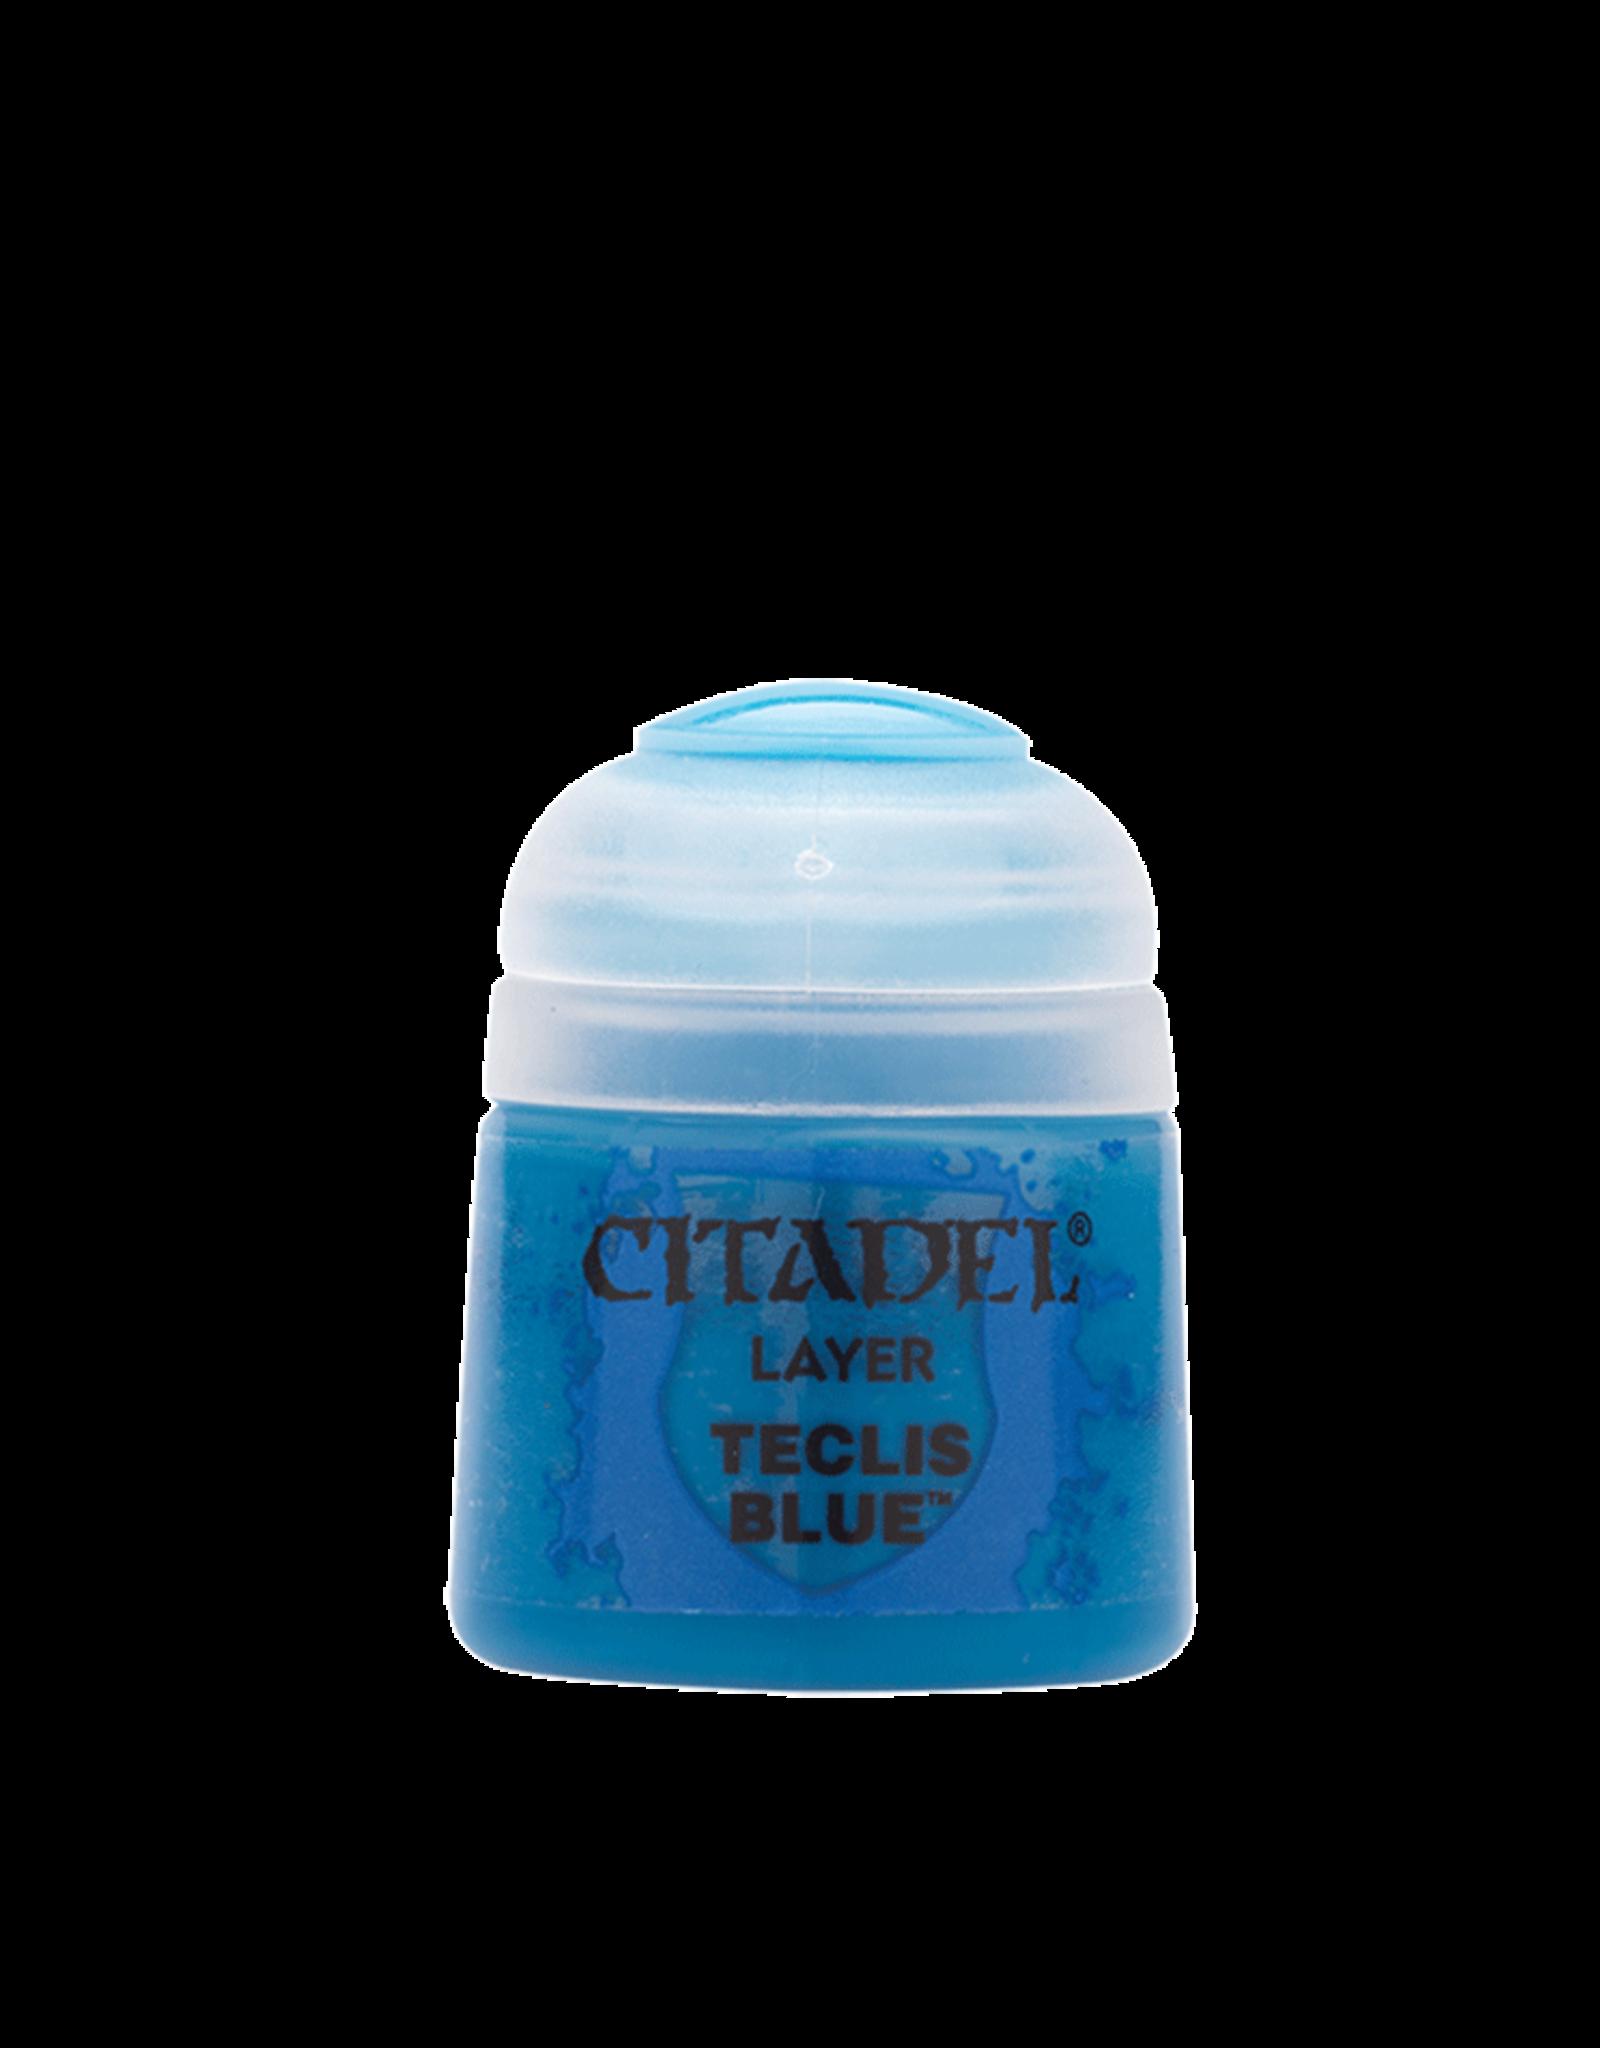 Citadel Citadel Layer: Teclis Blue (12ml)